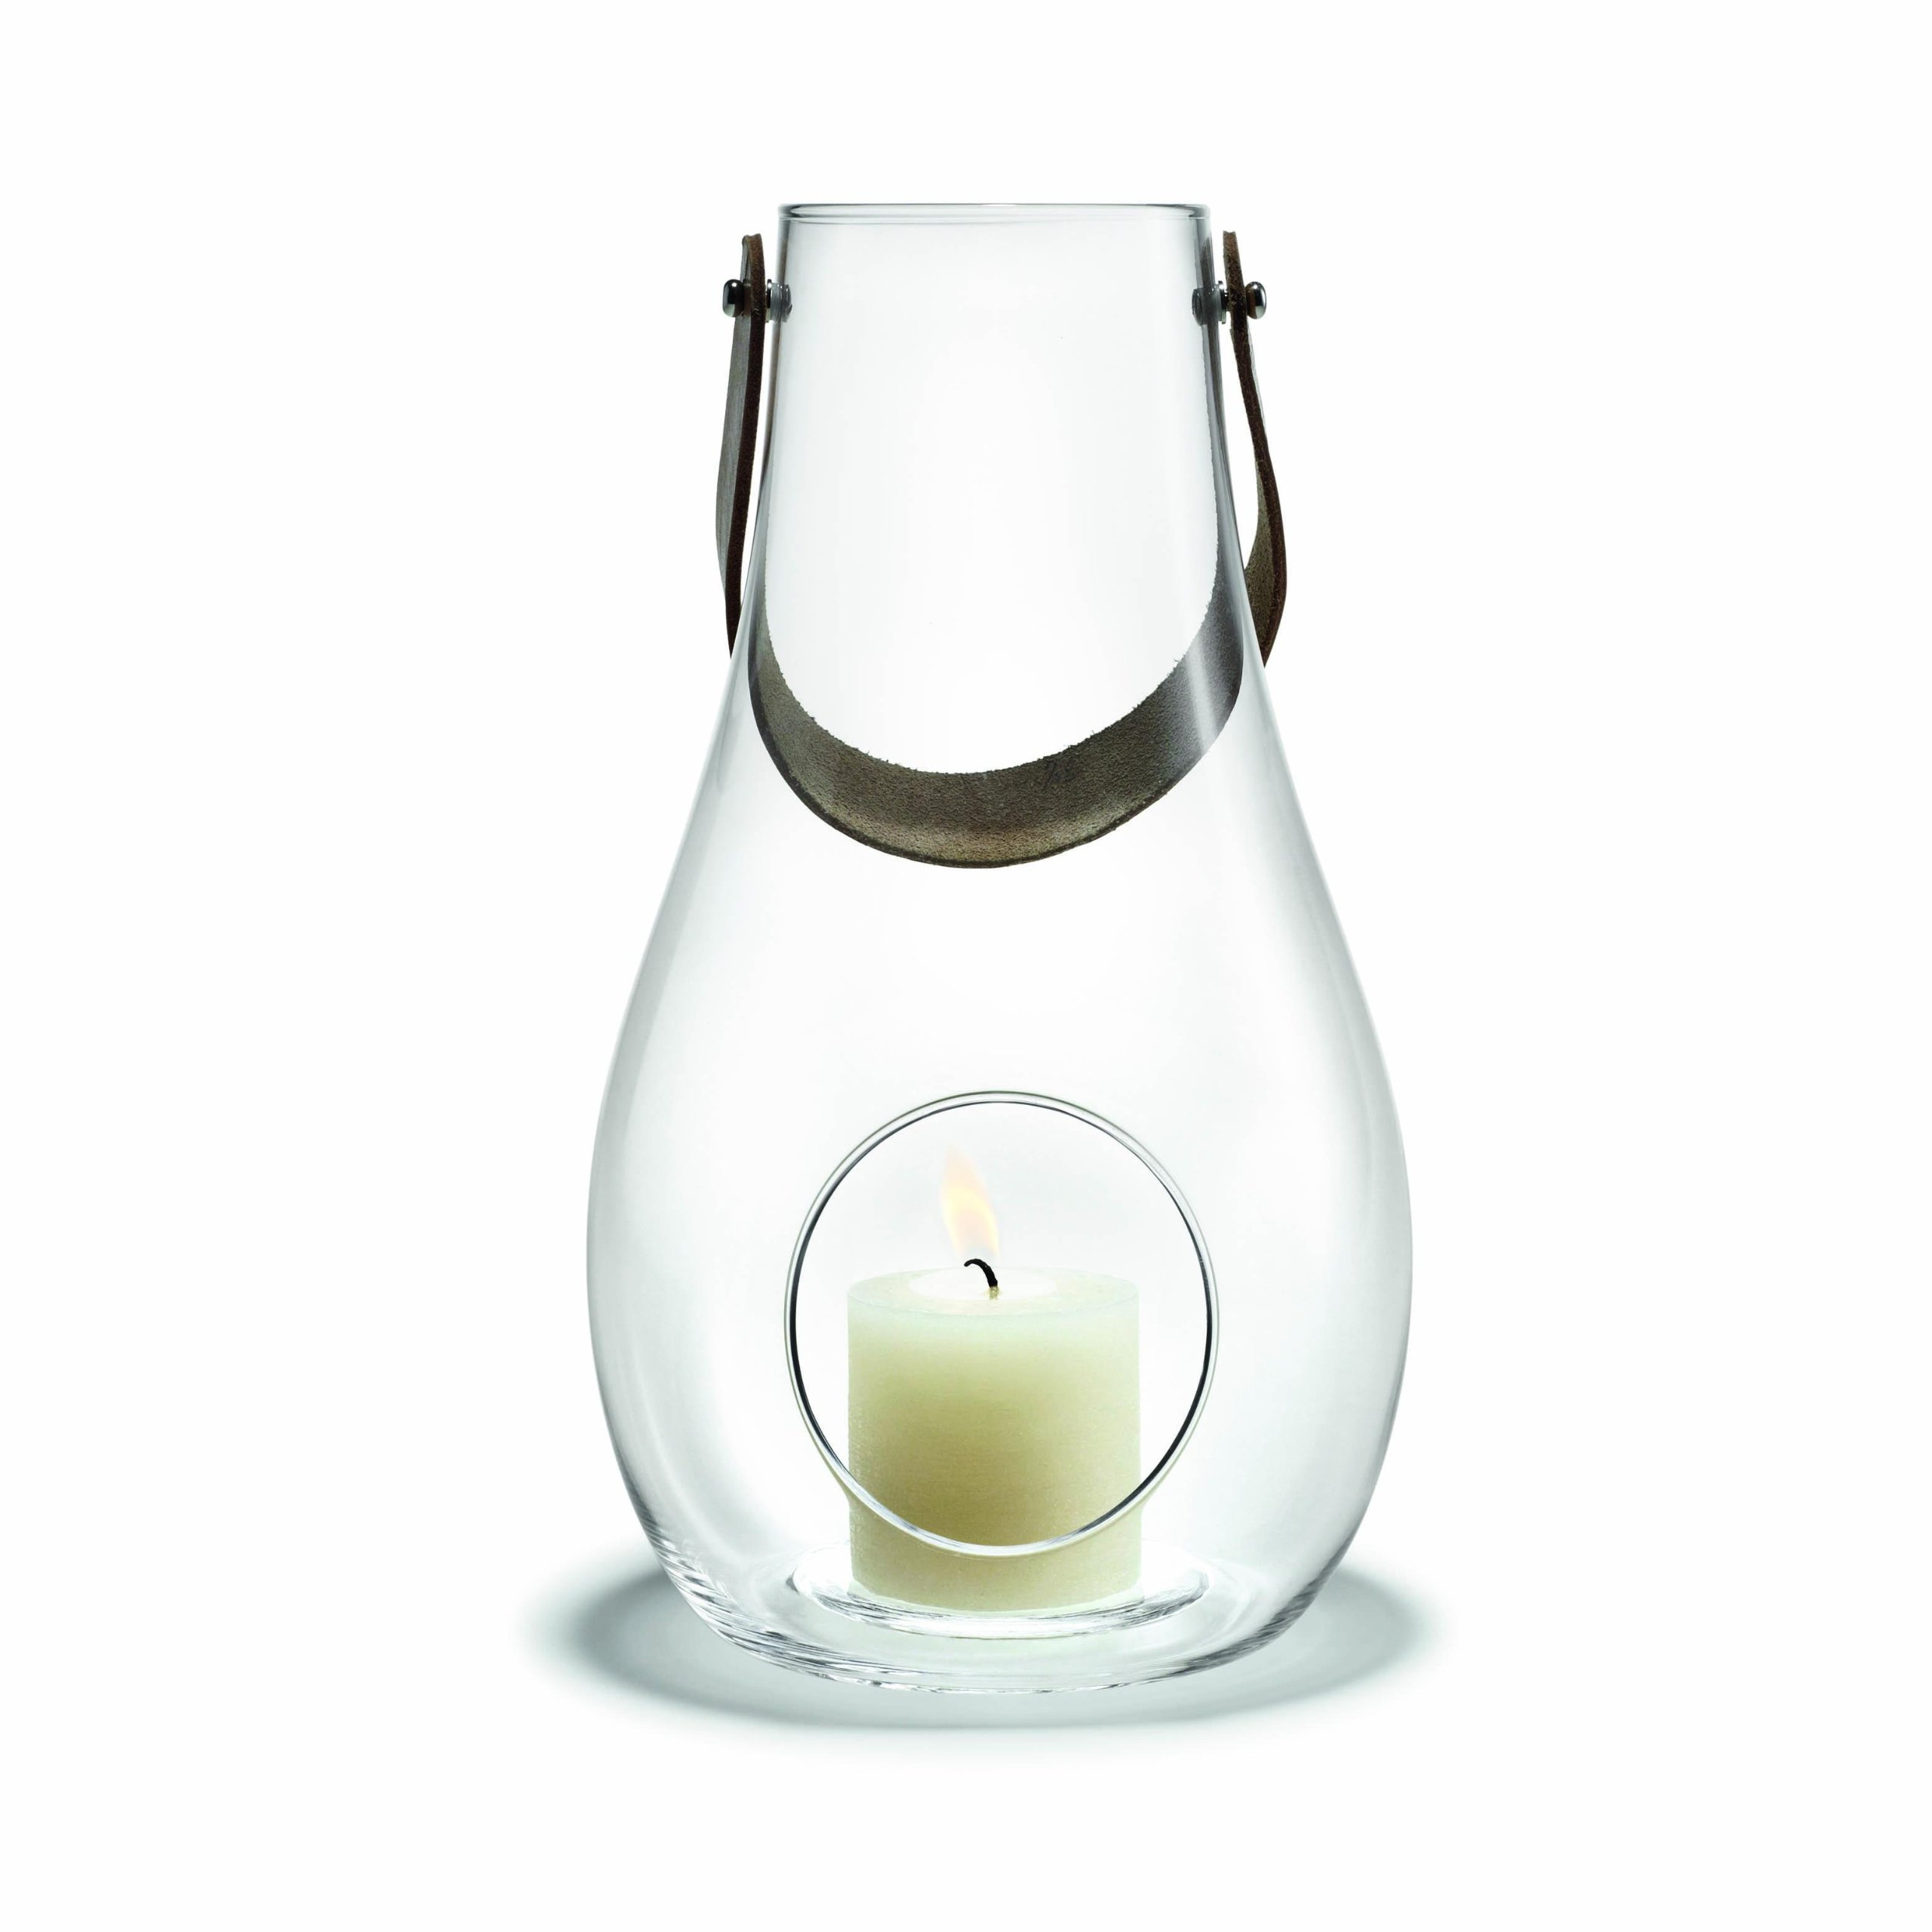 Holmegaard Design With Light By Maria Berntsen. Lantern Short (9.8 In. H)